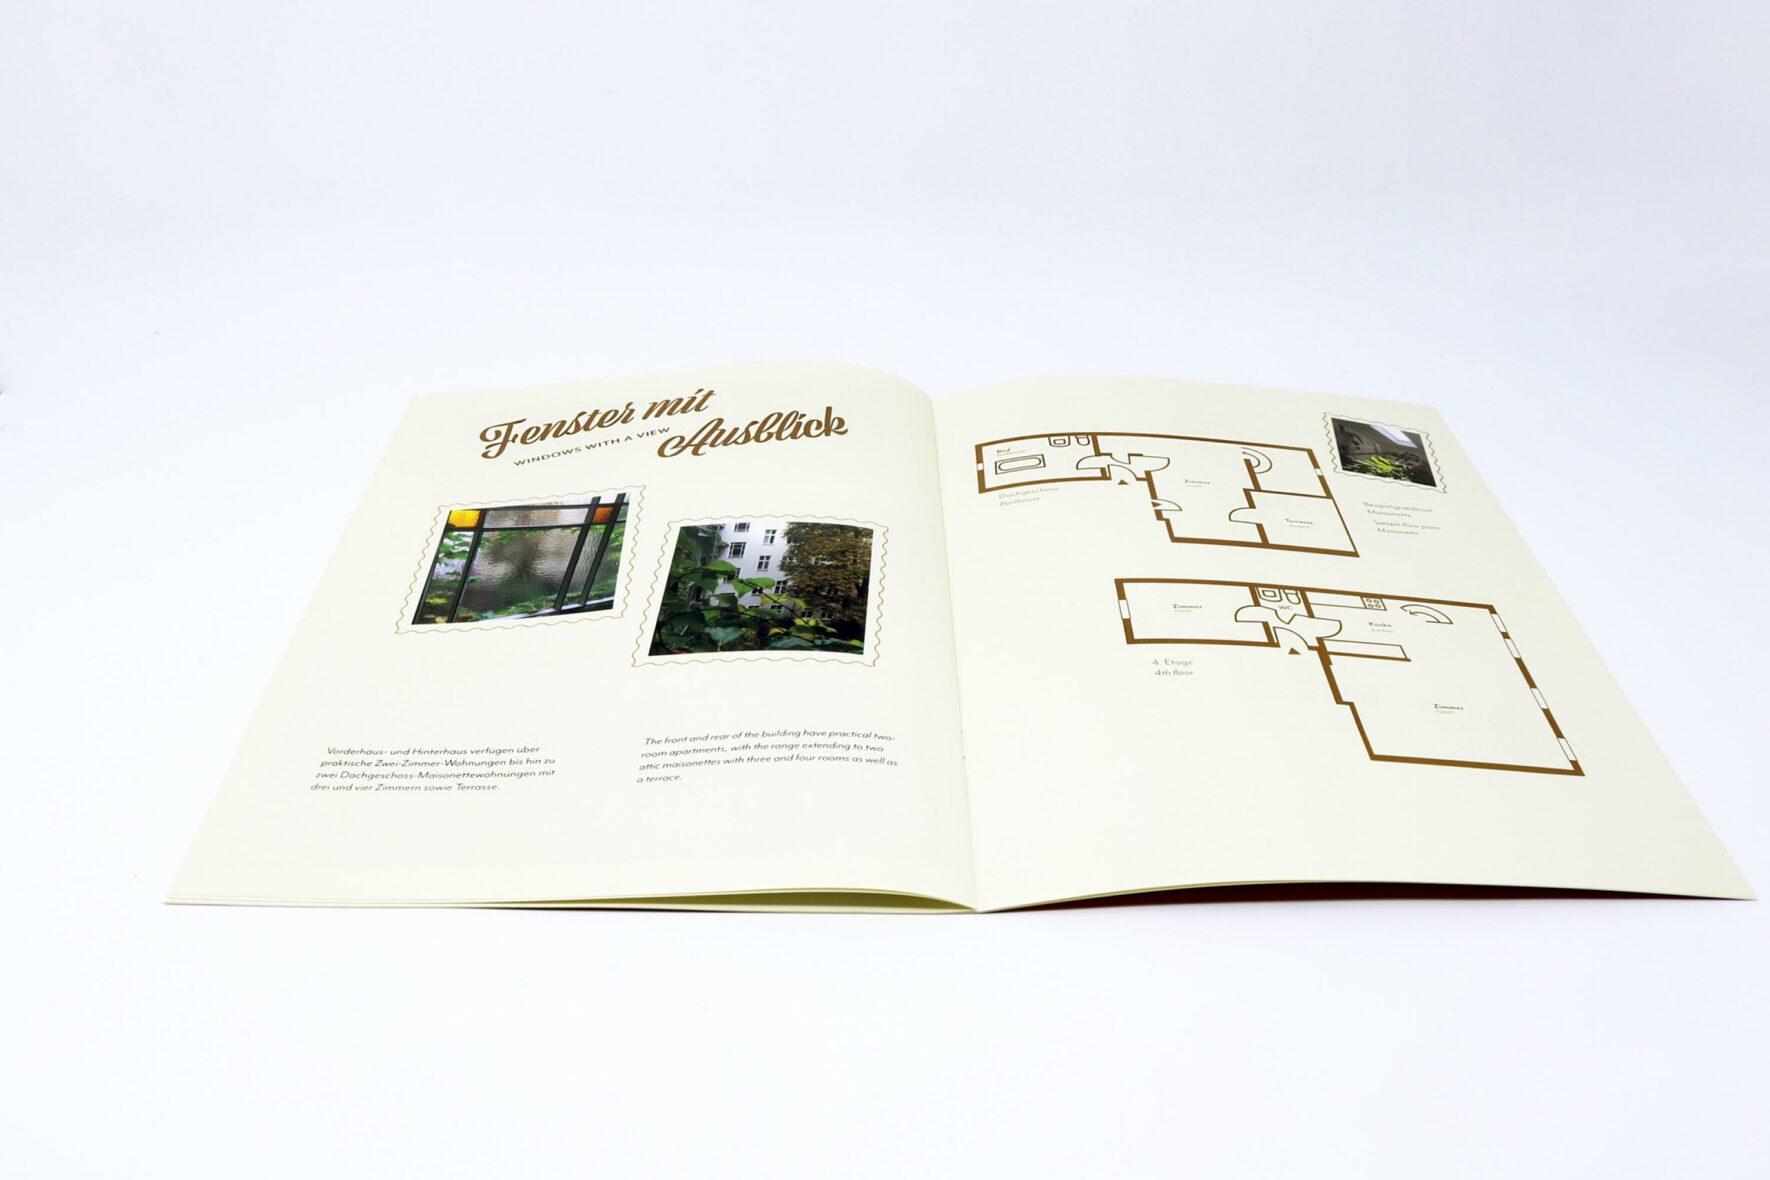 Corporate_Design-Trendcity_Immobilien-Broschüre-Bergmann-Layout-6